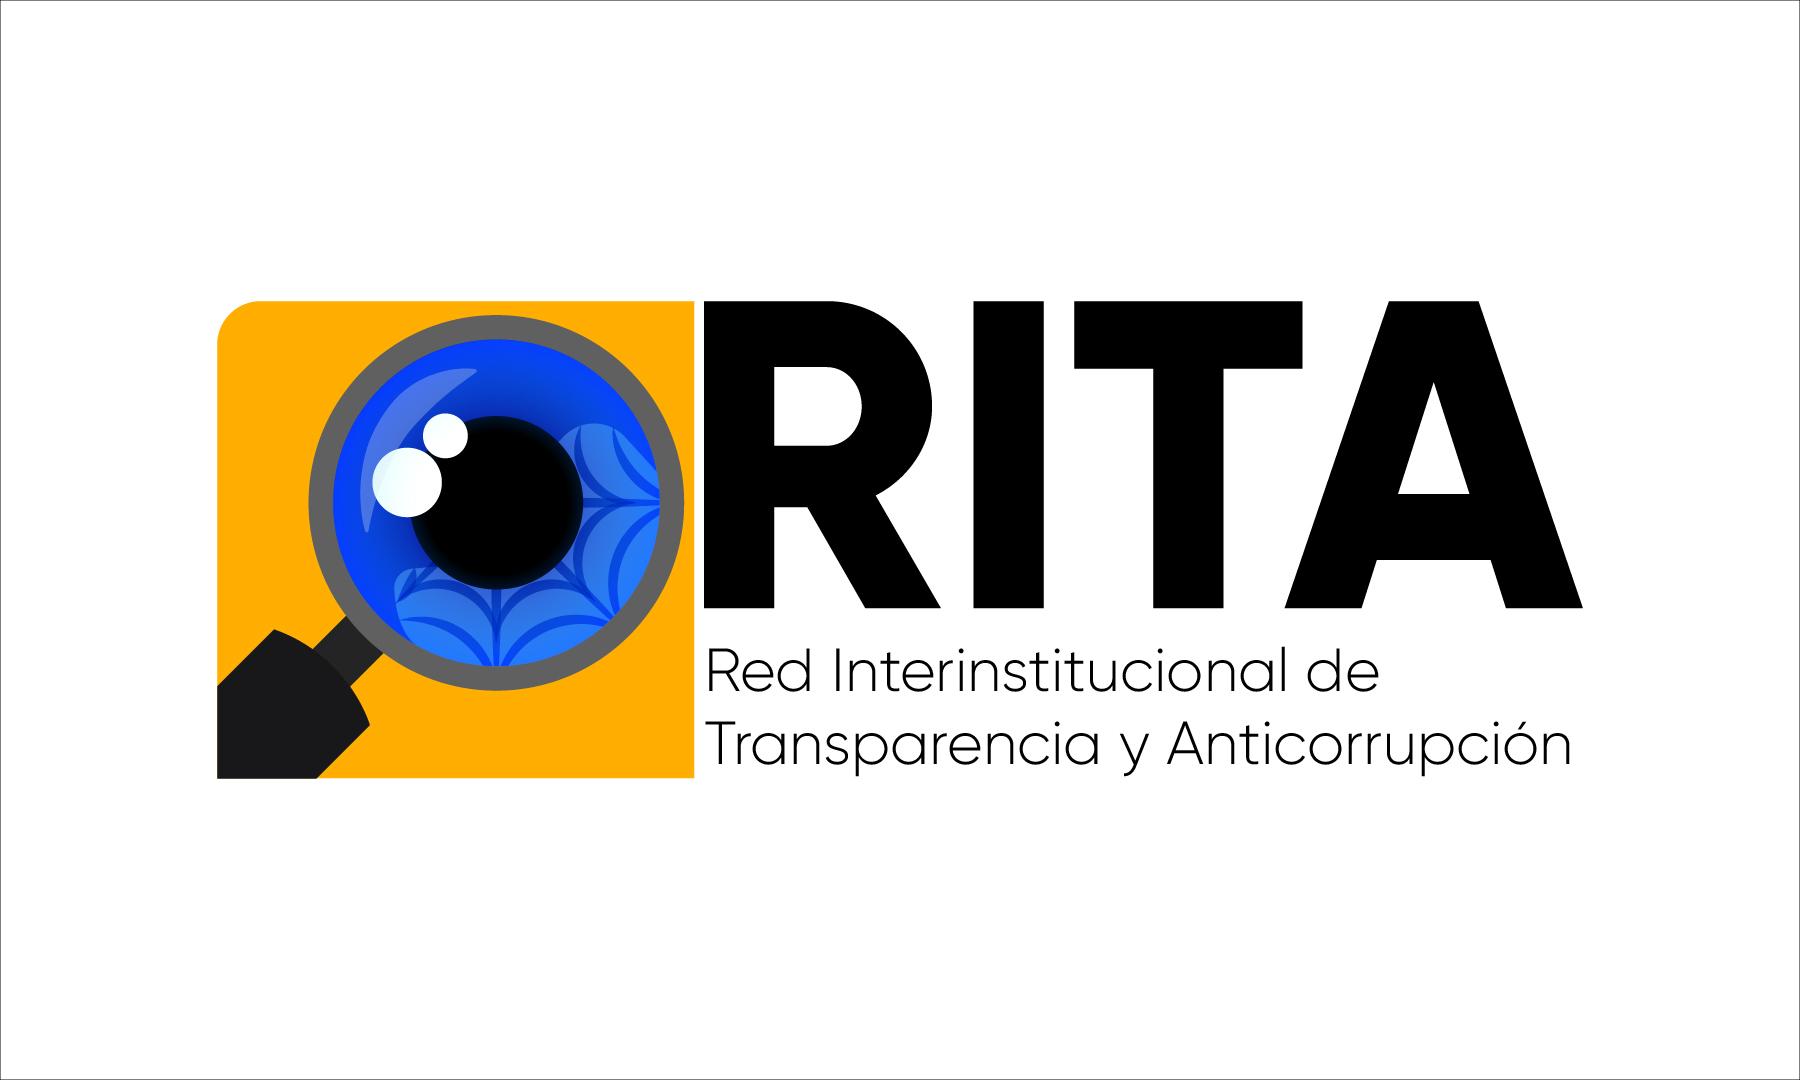 Enlace RITA Red Interinstitucional de Transparencia y Anticorrupción.